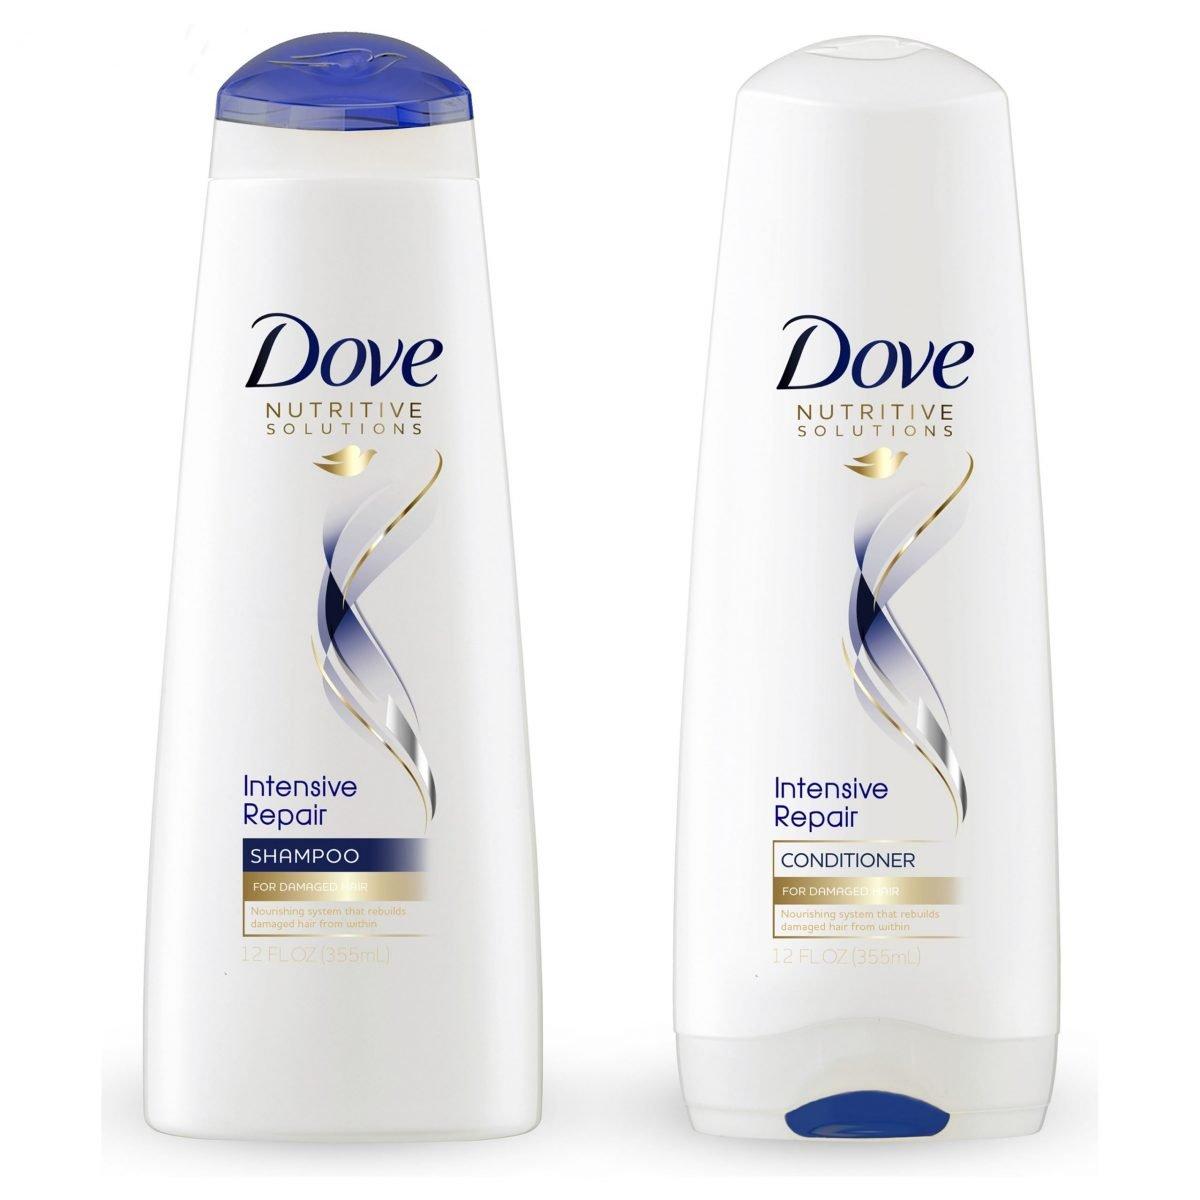 Champú y acondicionador de reparación intensiva - Dove Solutions